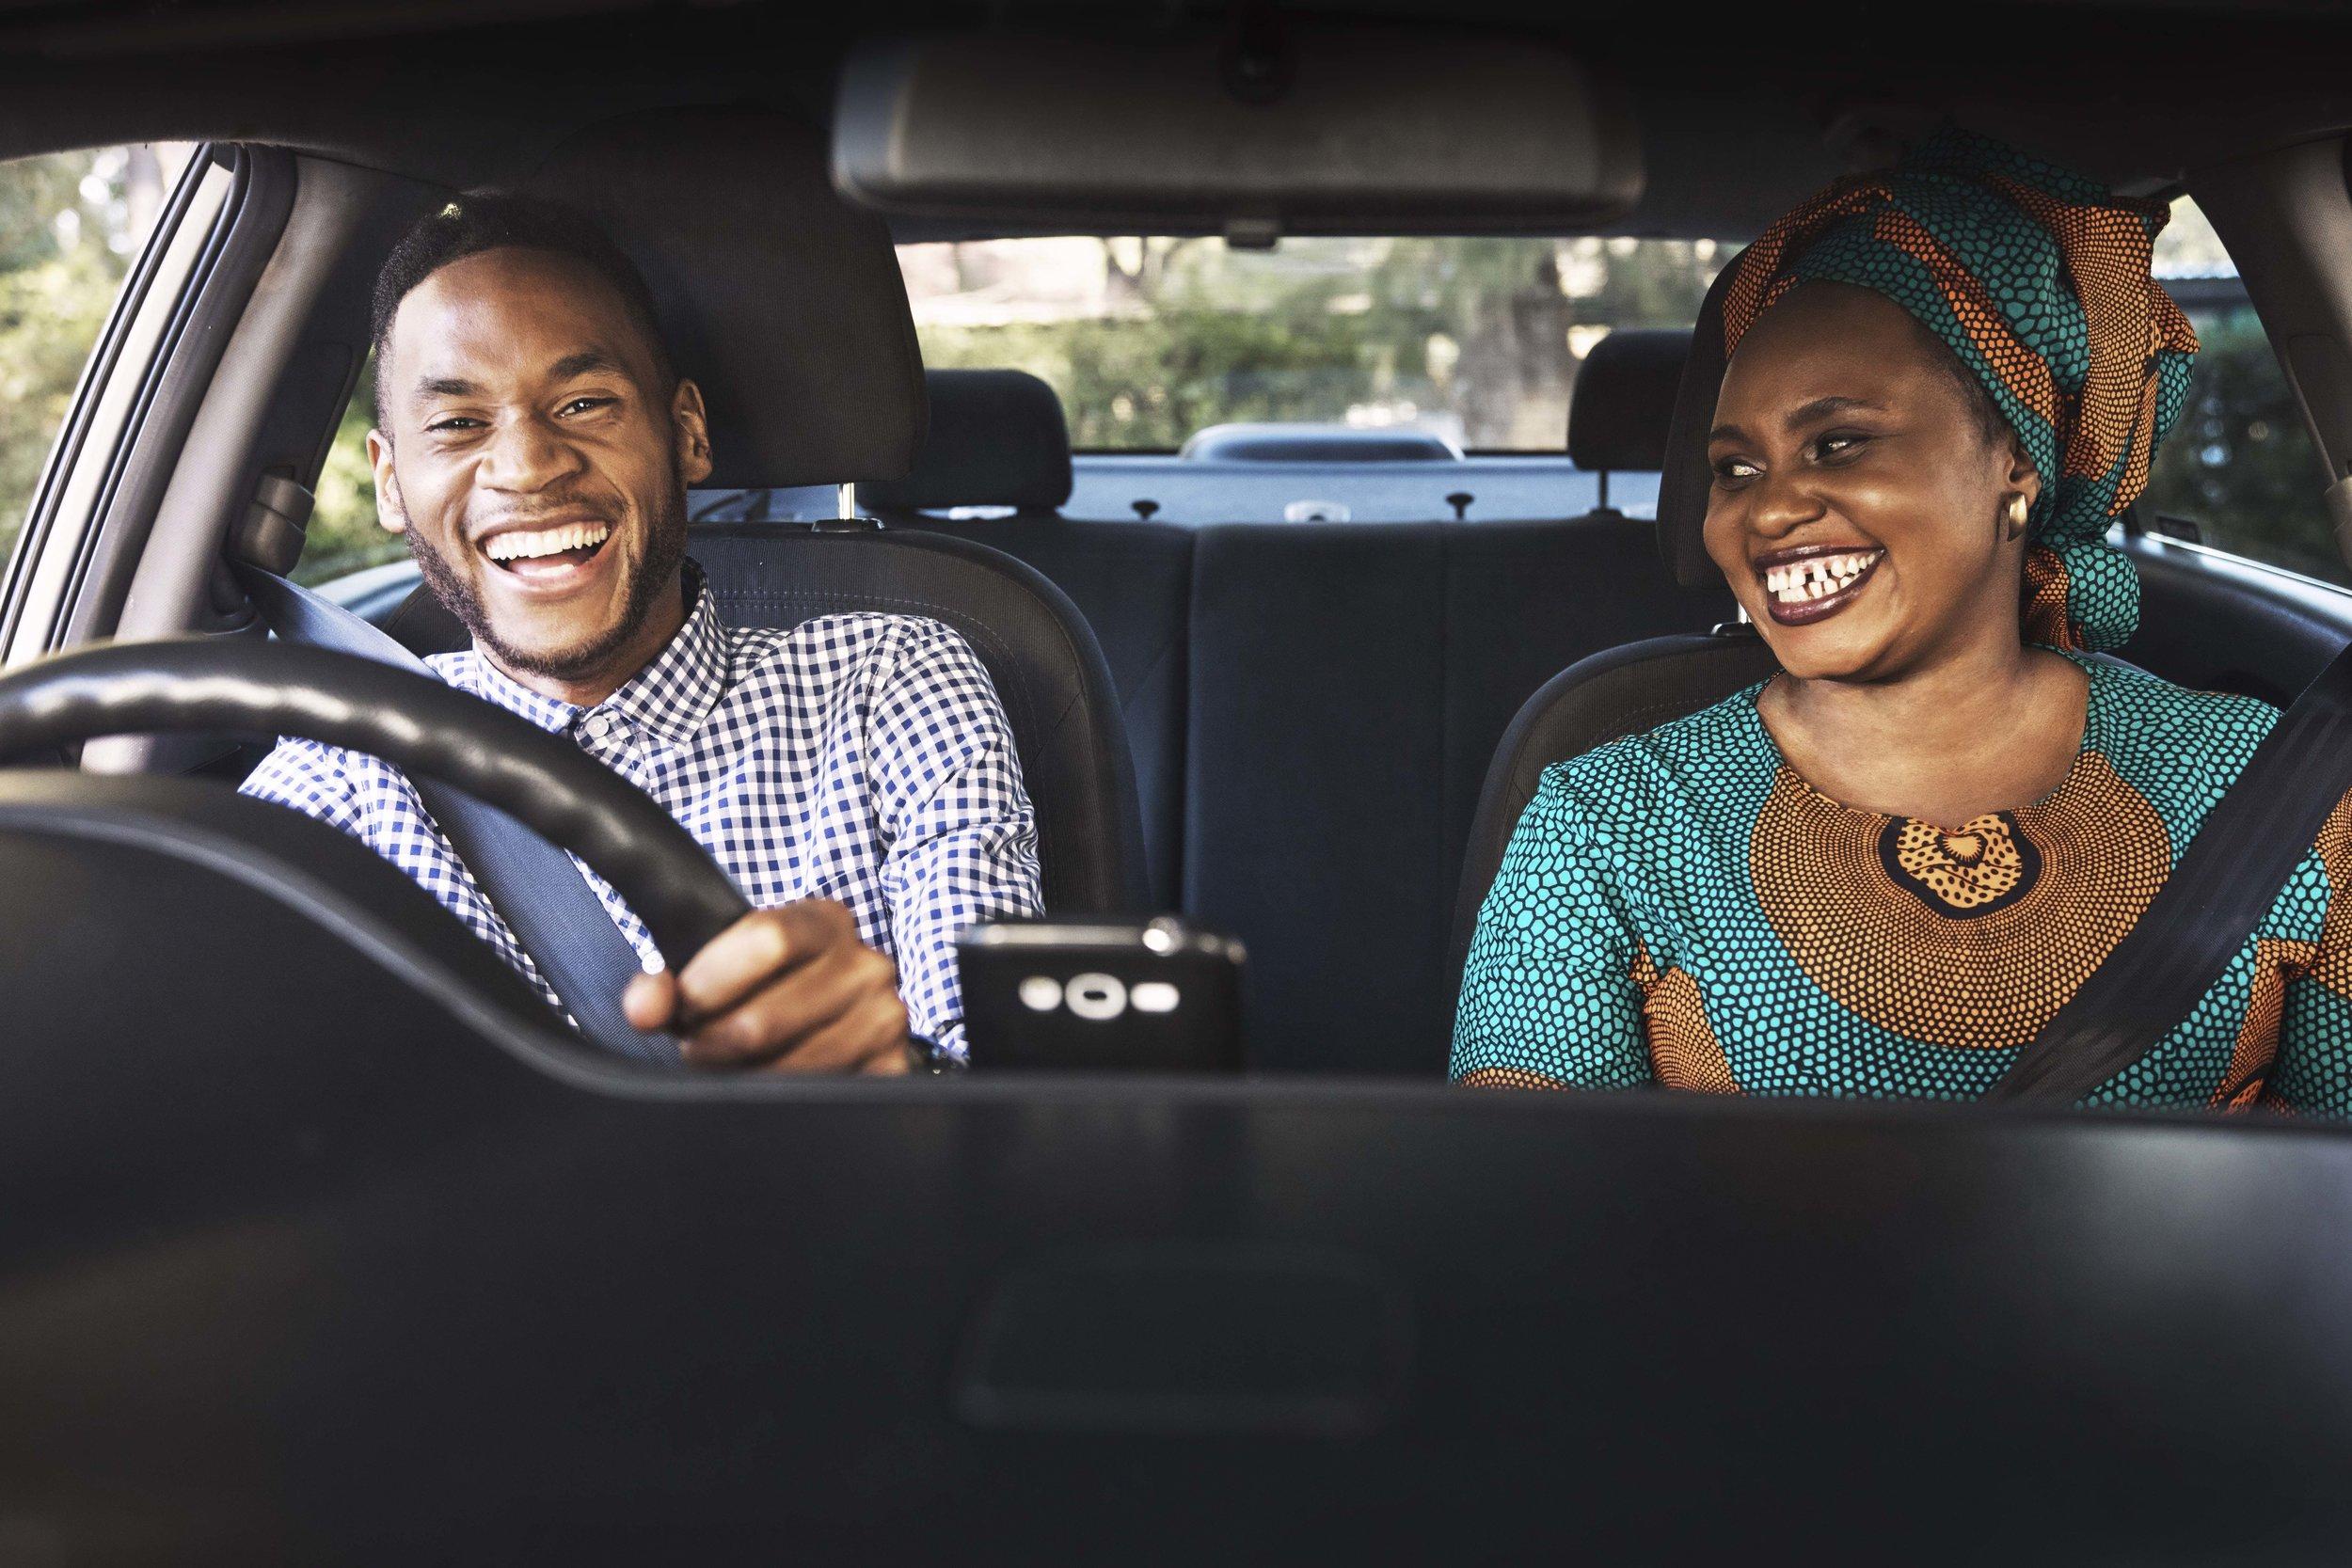 Uber_shoot_Tanzania_Pair-103_optimized.jpg